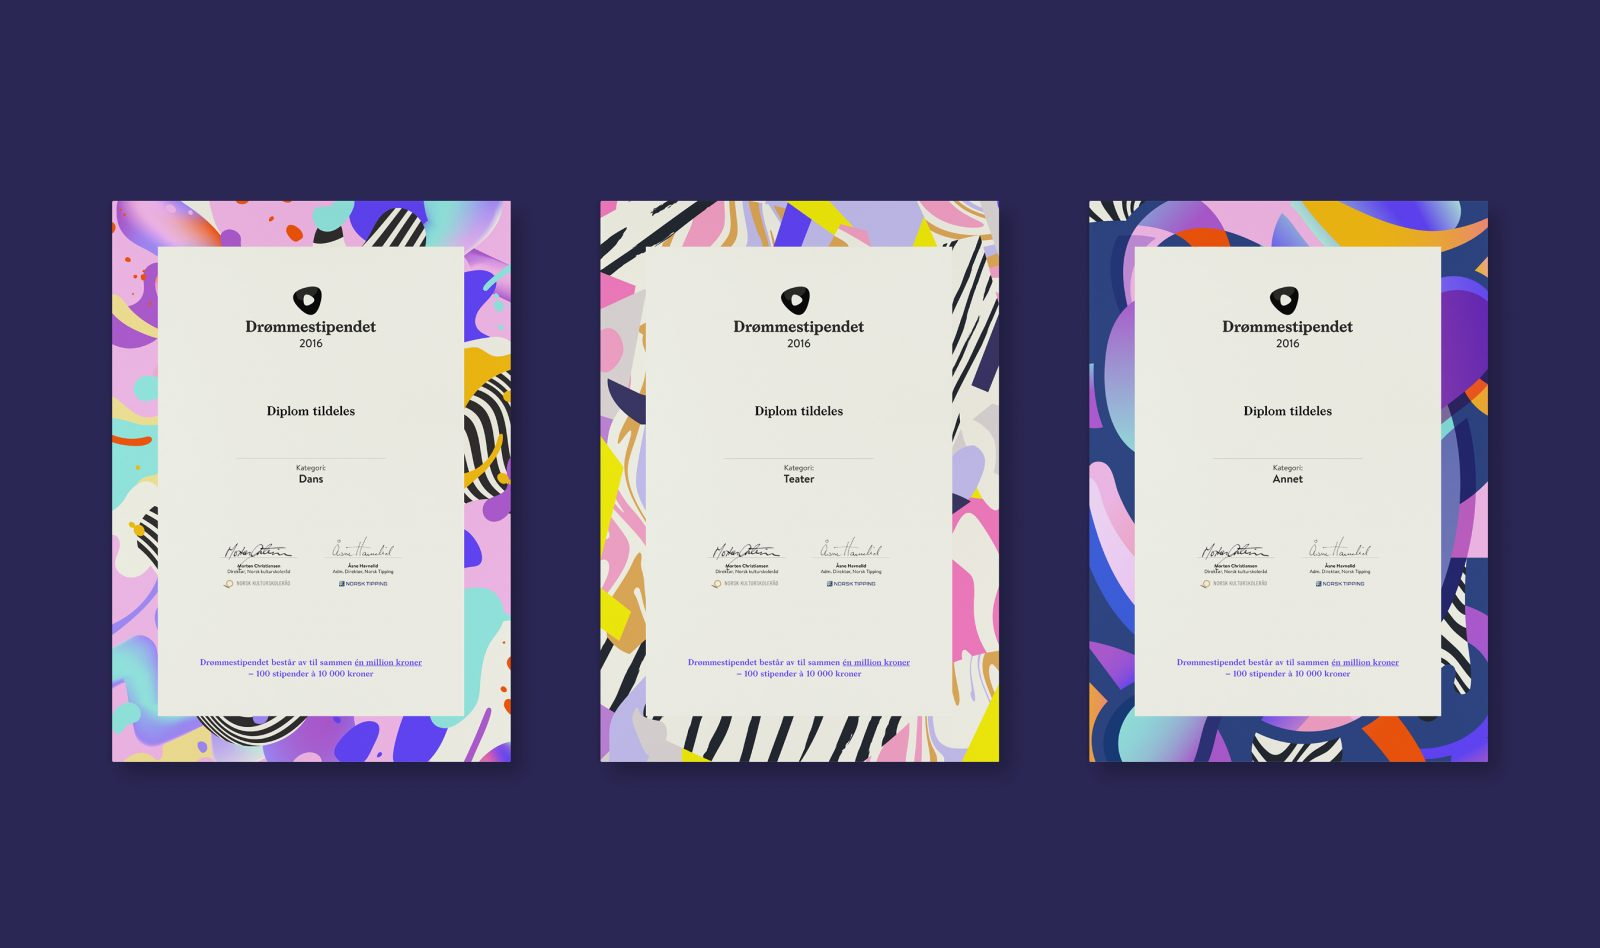 Diploma designs for Drømmestipendet